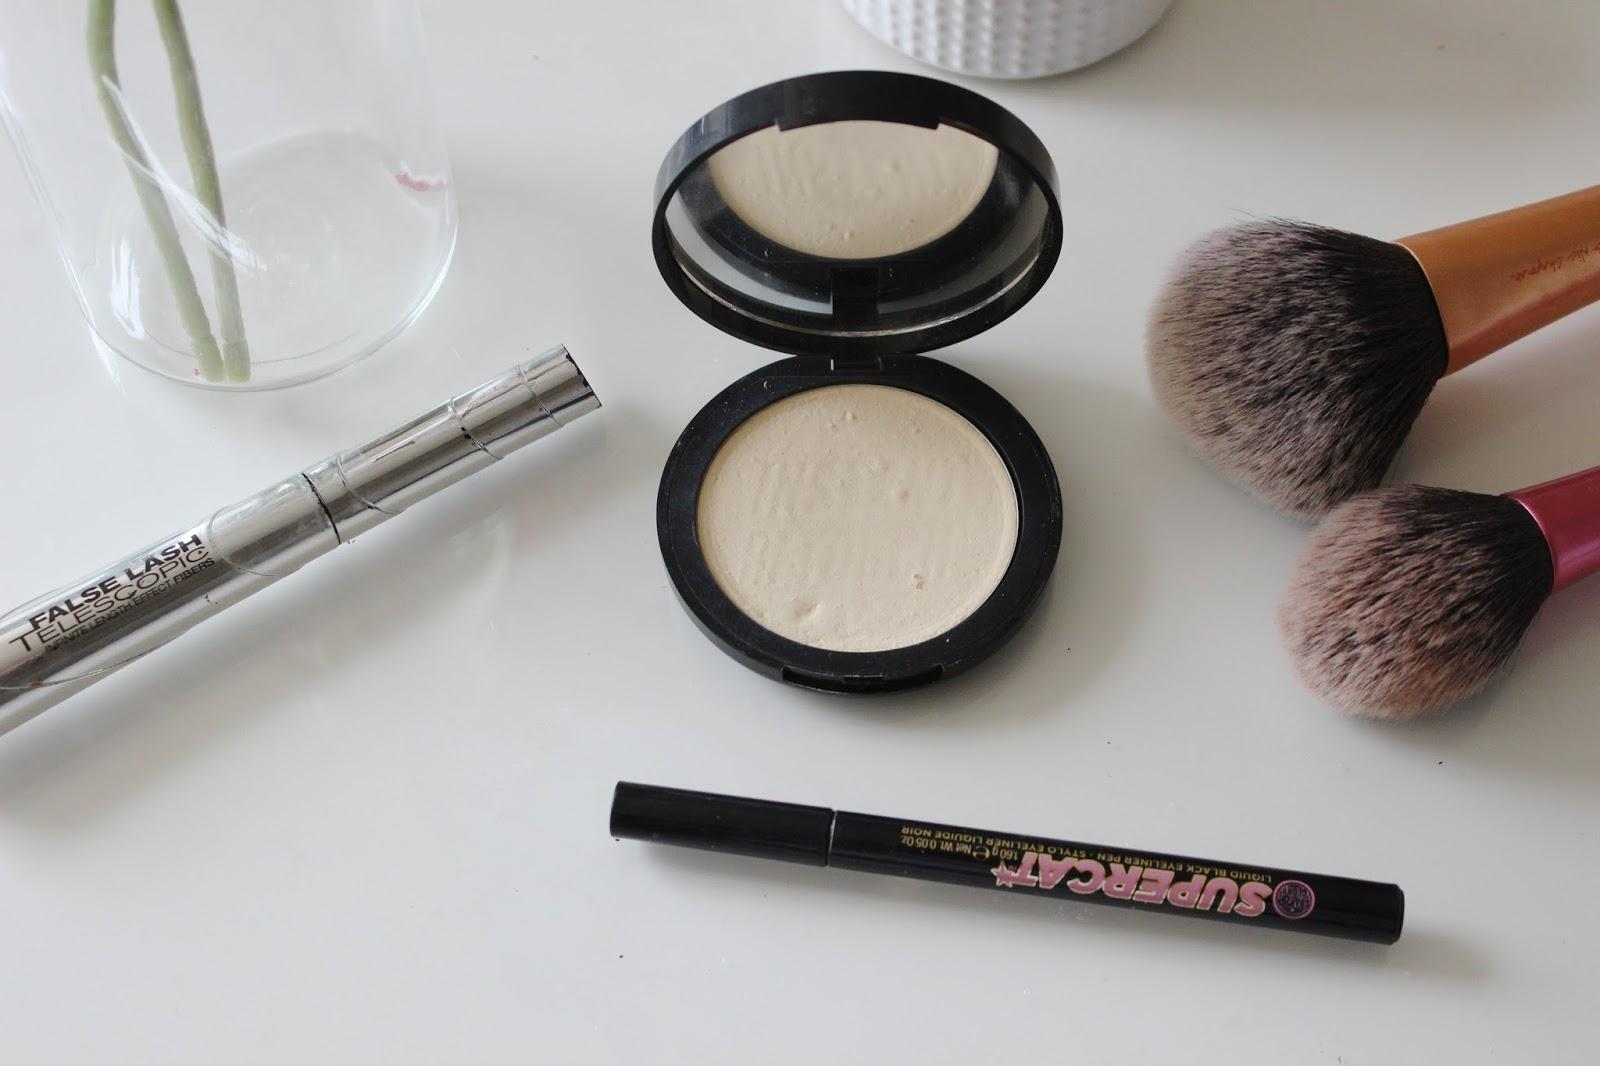 Where To Save On Makeup